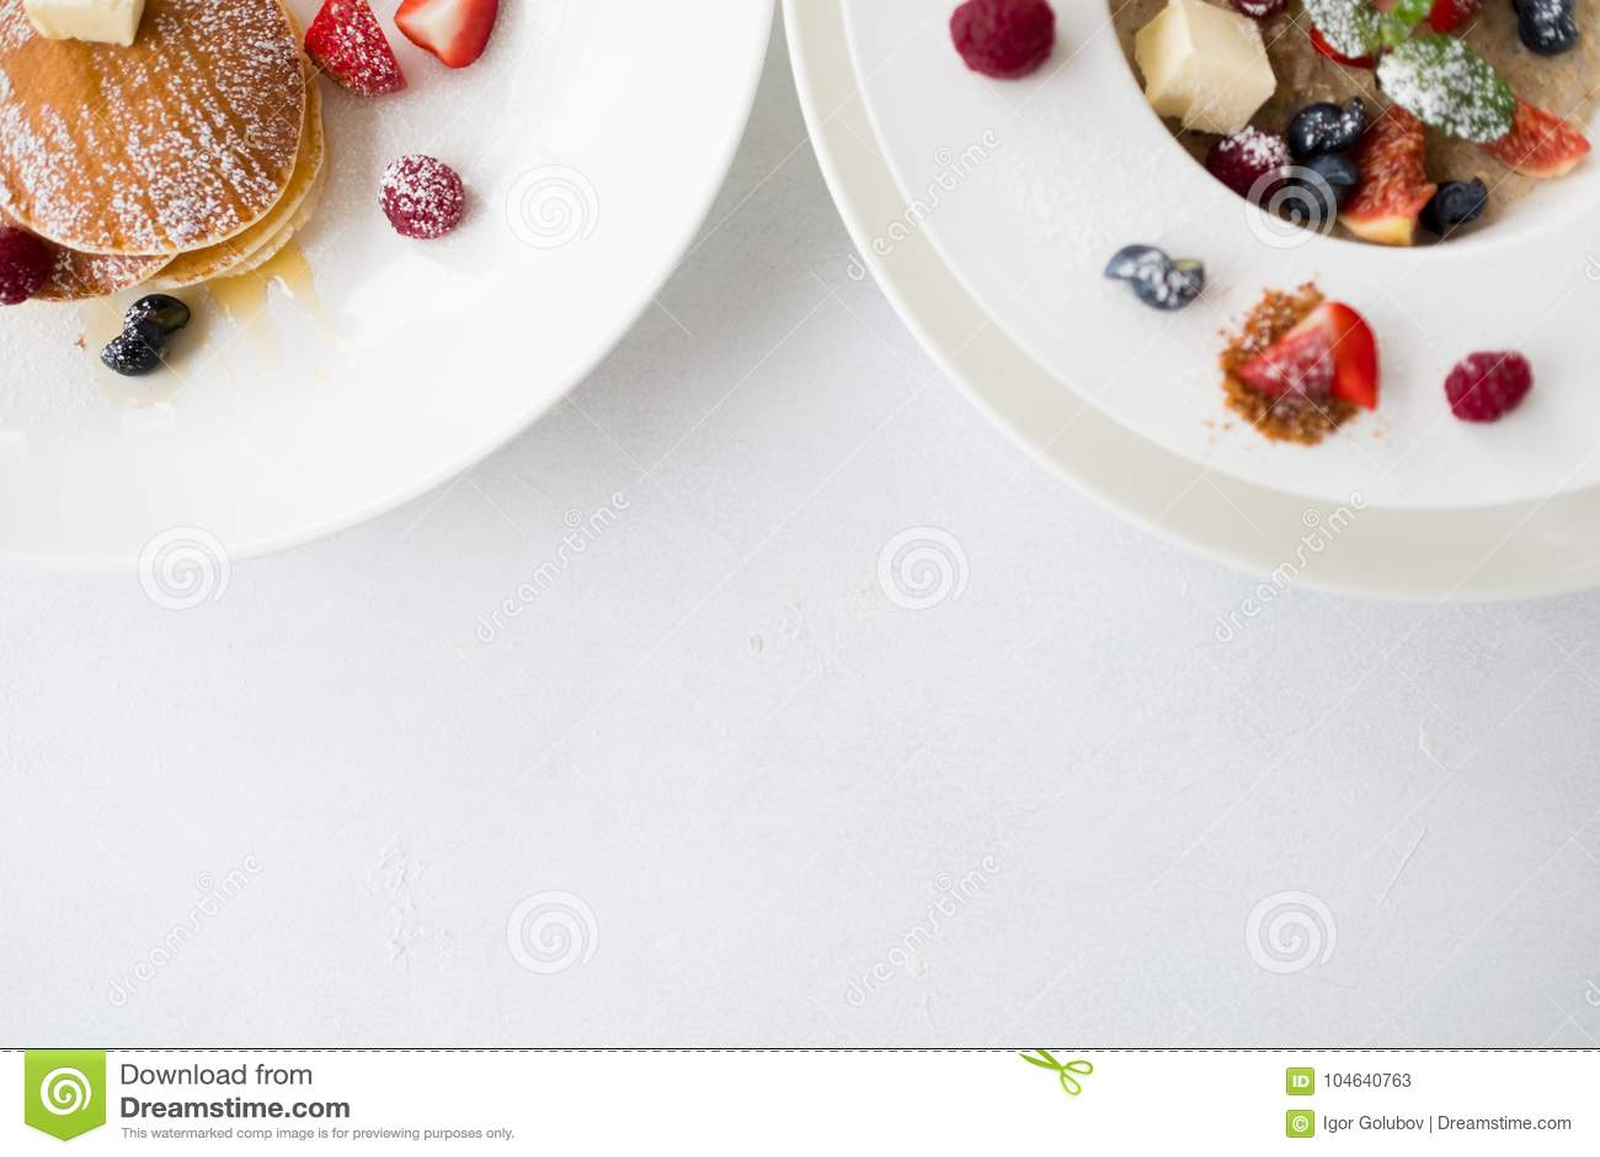 Download De Gezonde Juiste Voeding Van Ontbijtmuesli Stock Afbeelding - Afbeelding bestaande uit vers, geschiktheid: 104640763